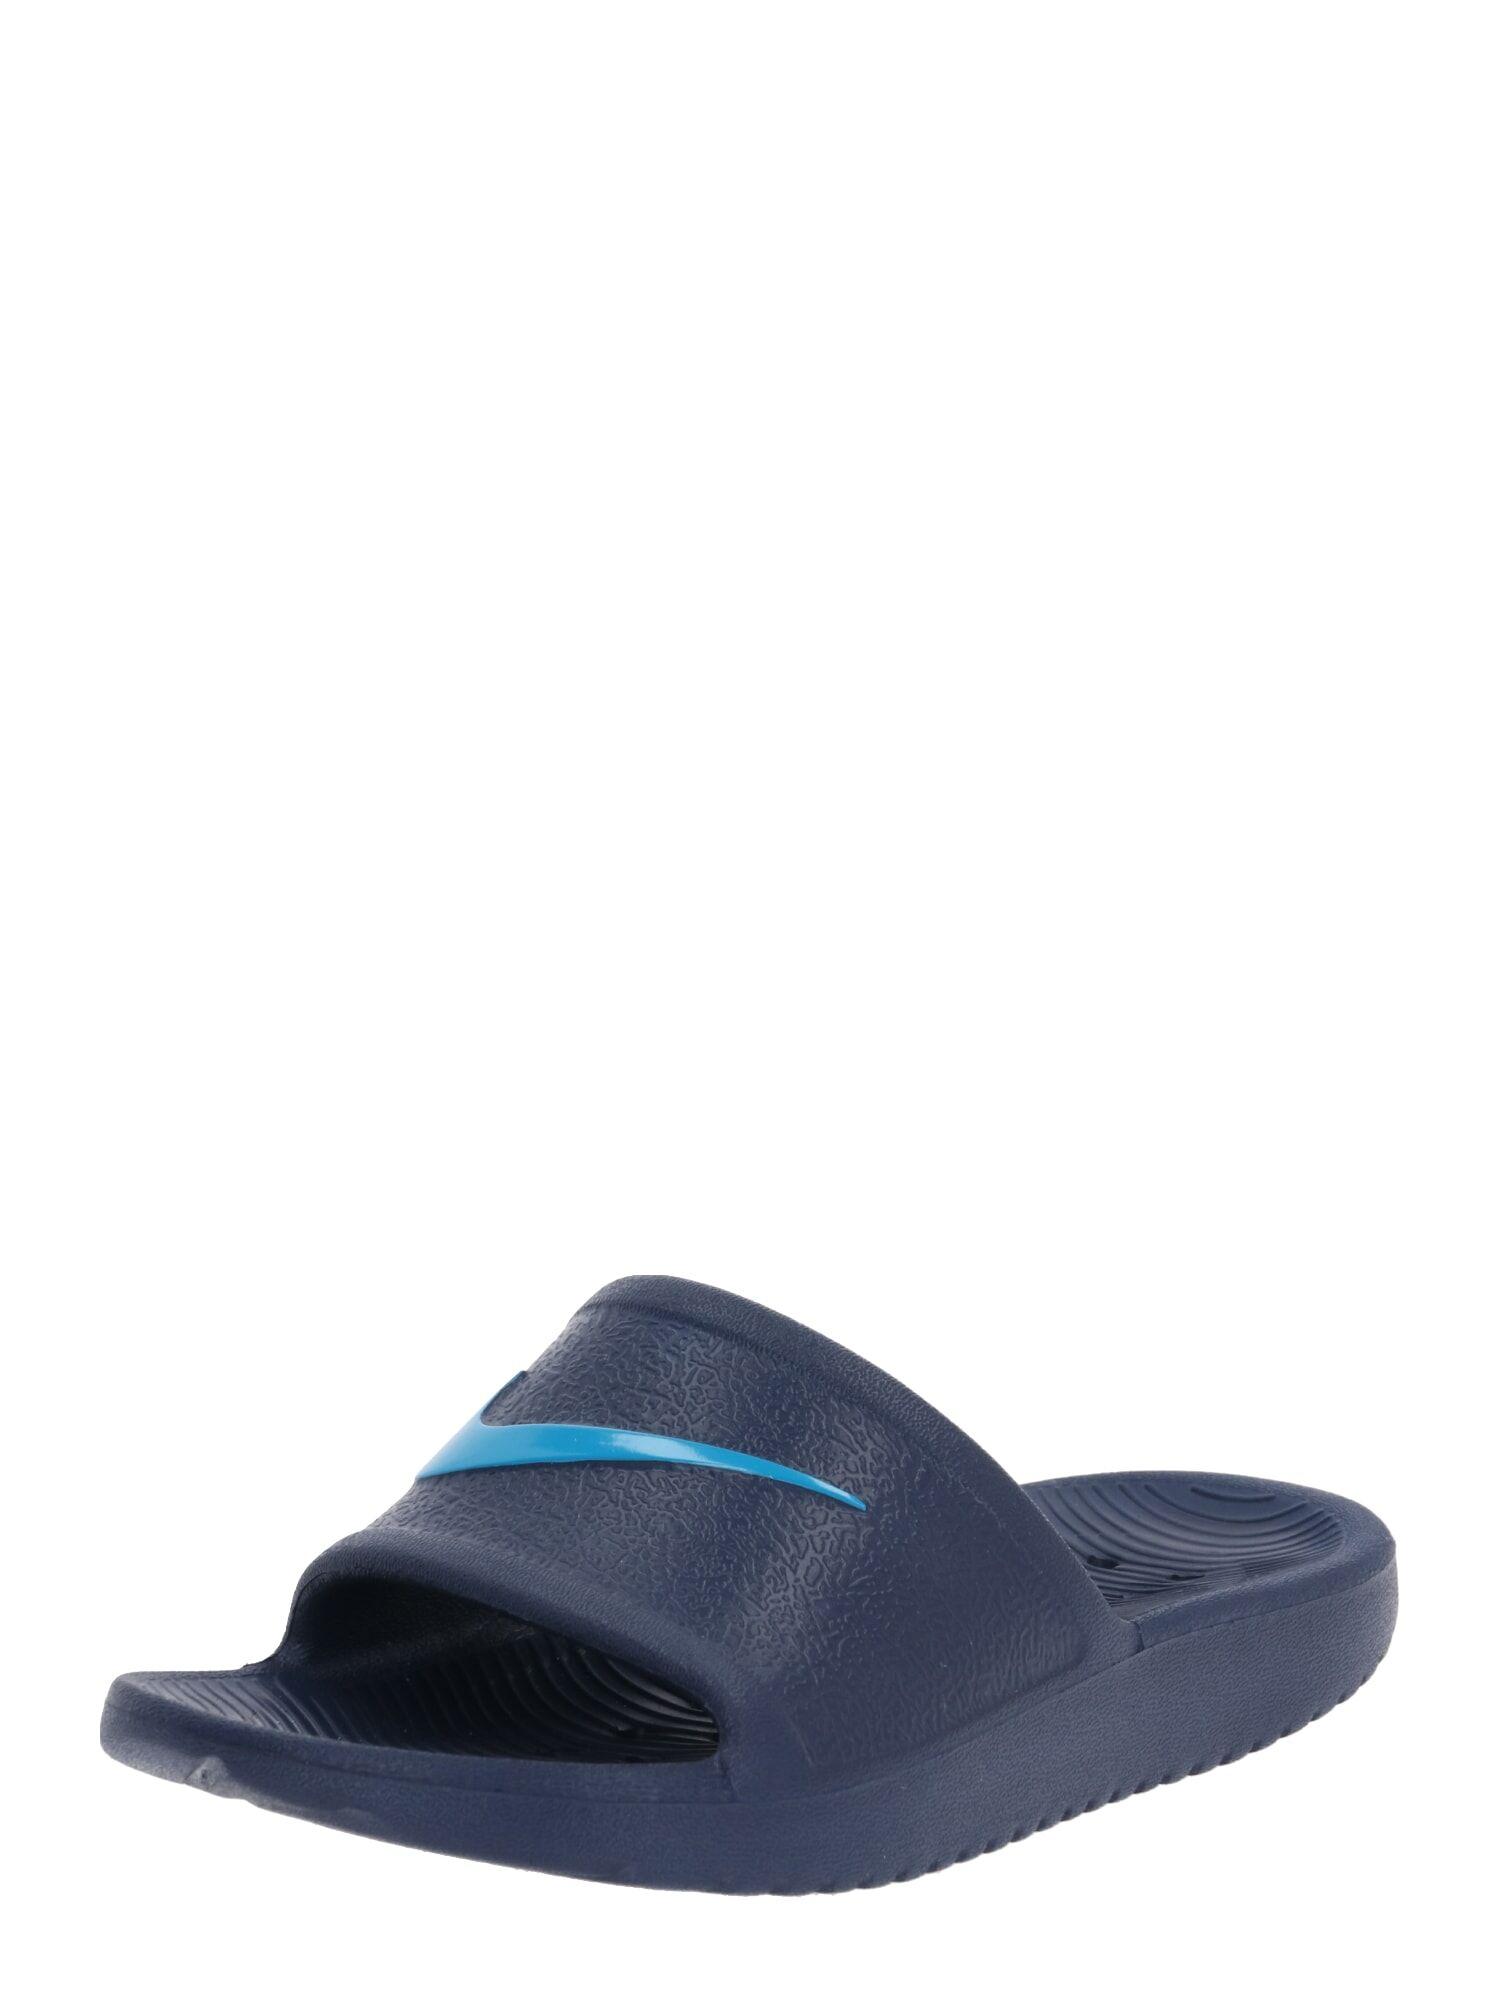 Nike Sportswear Chaussures ouvertes 'KAWA'  - Bleu - Taille: 6Y - boy